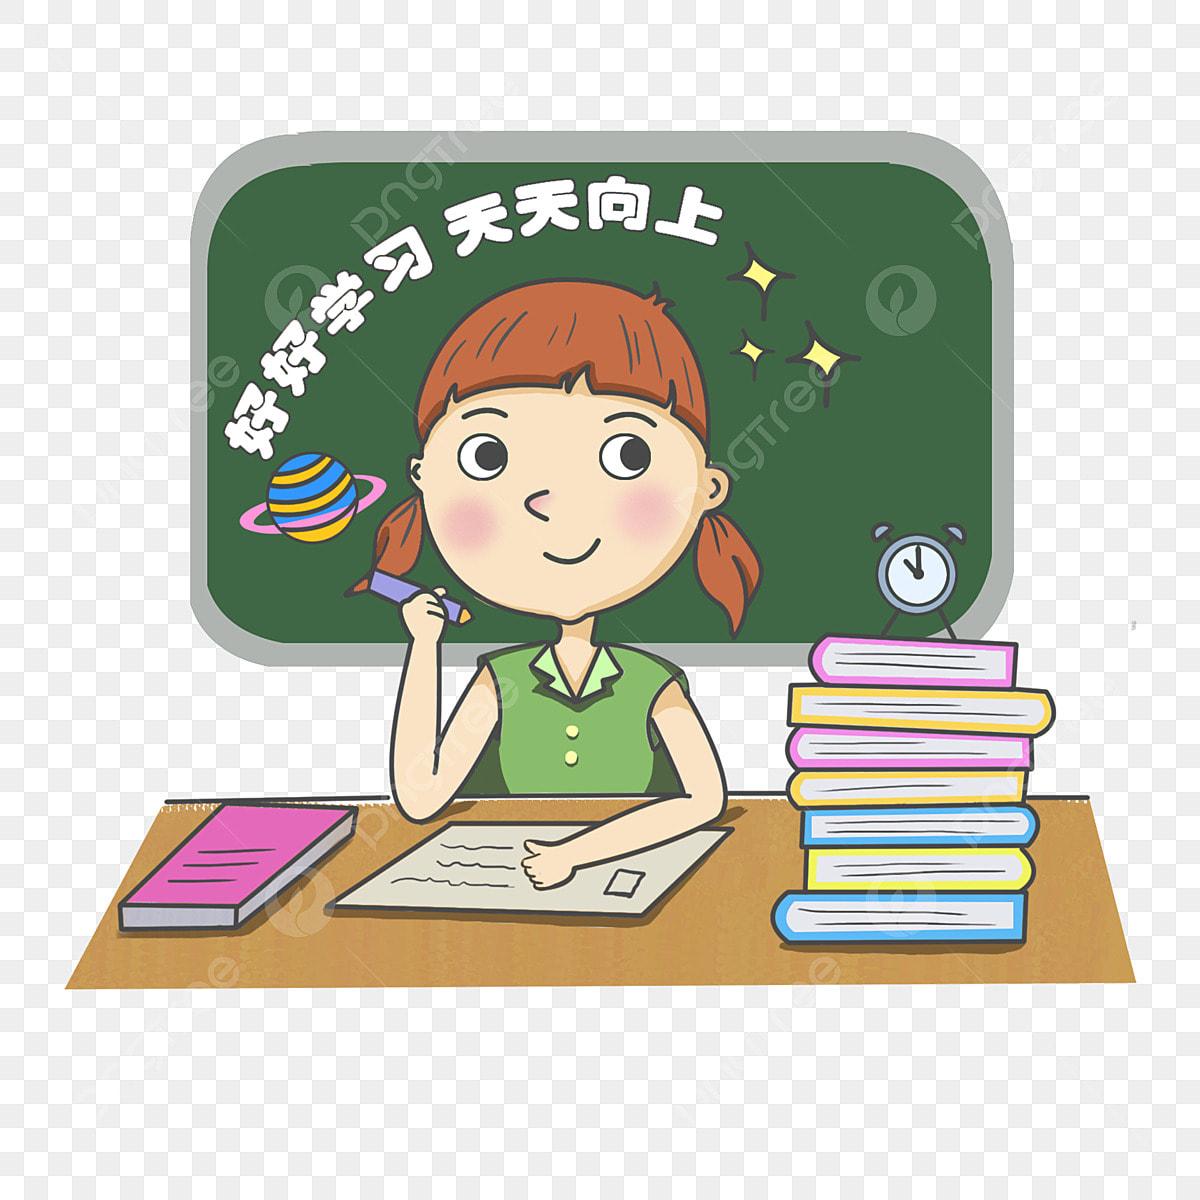 Mao Dos Desenhos Animados Desenhada Personagem De Desenho Animado